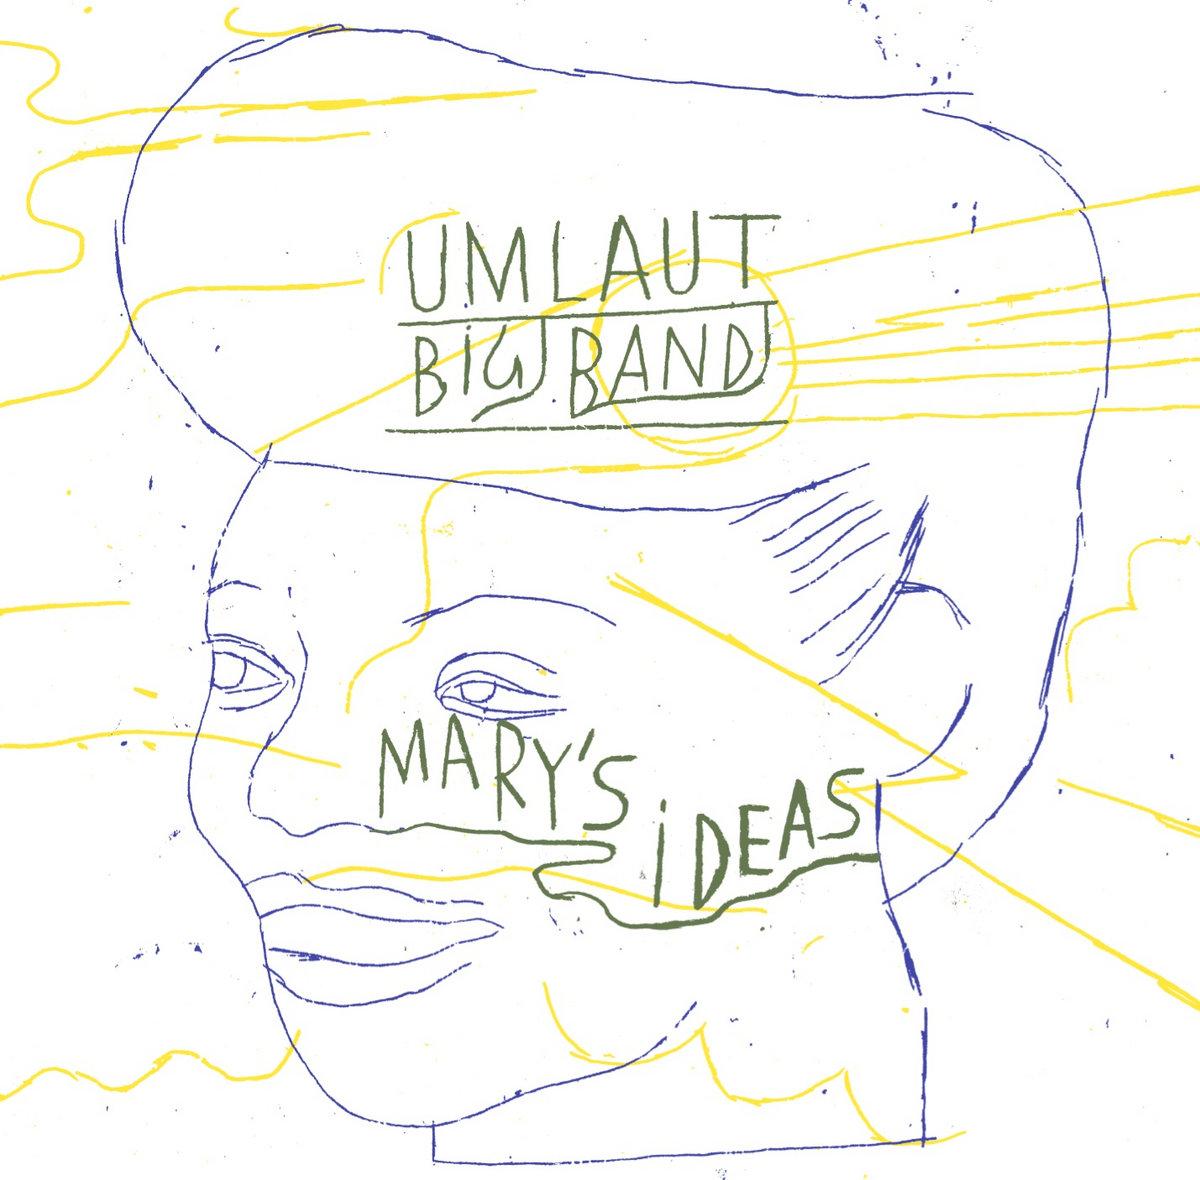 Mary's Ideas du Umlaut Big Band